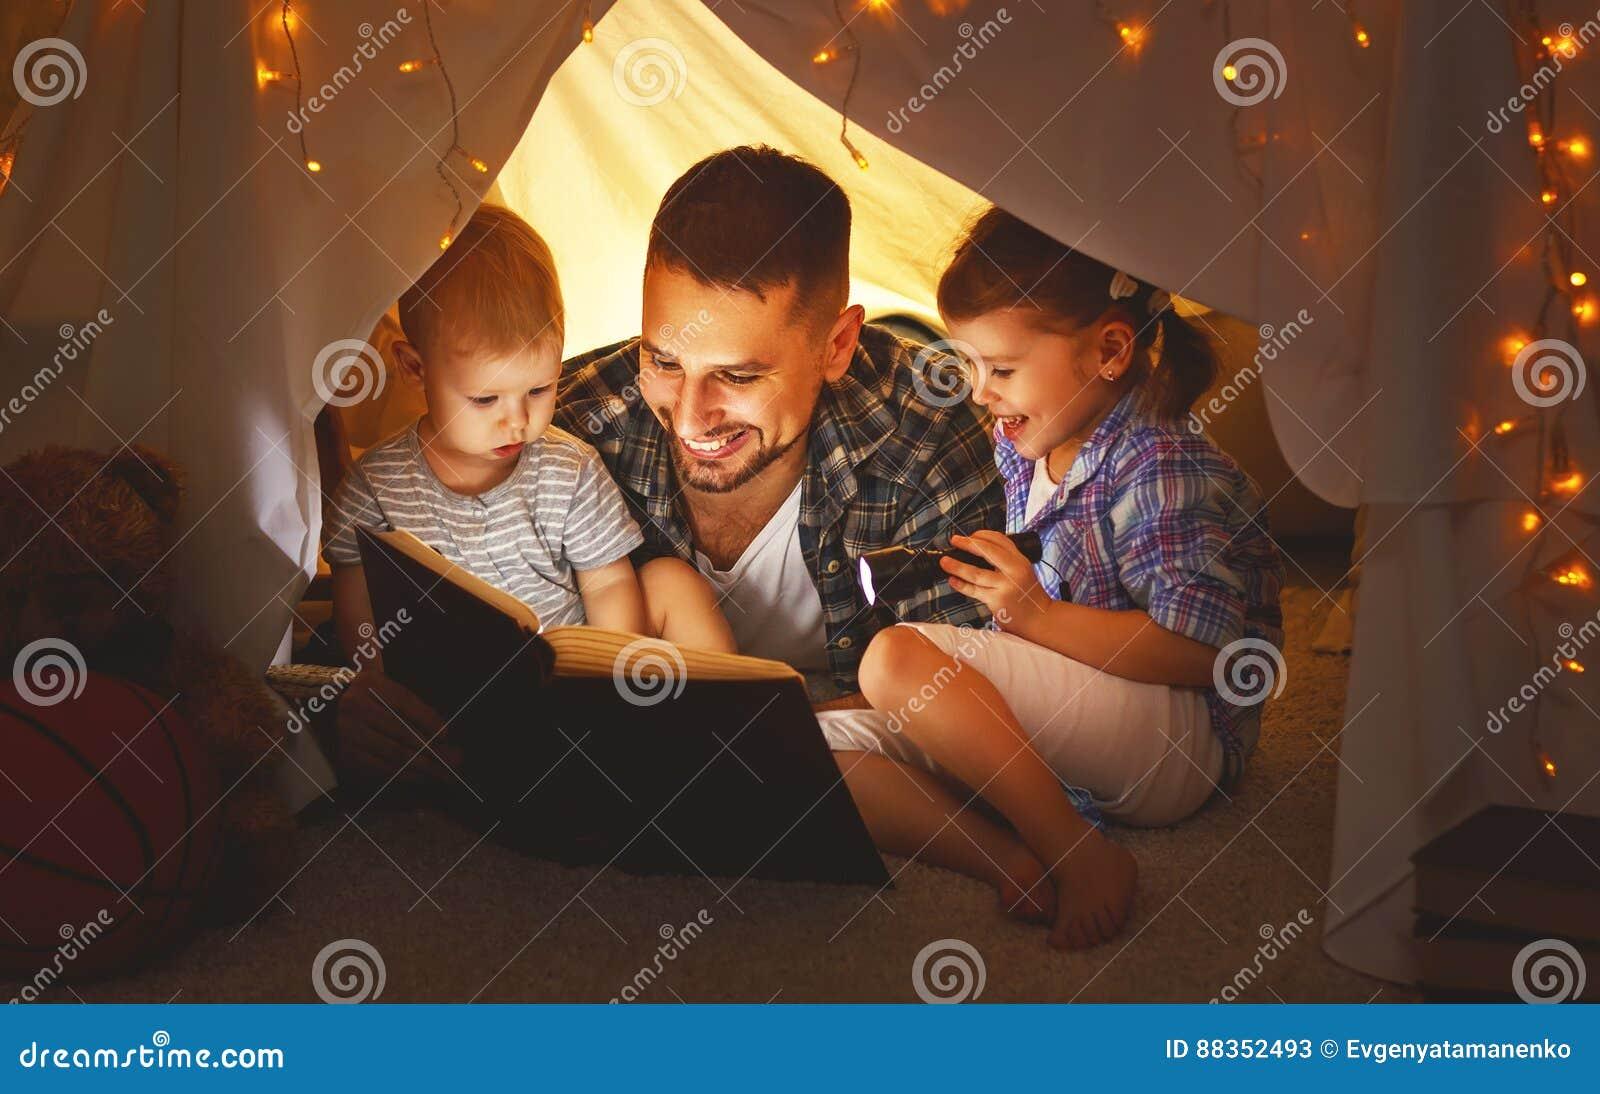 Ευτυχείς οικογενειακοί πατέρας και παιδιά που διαβάζουν ένα βιβλίο στη σκηνή στο hom